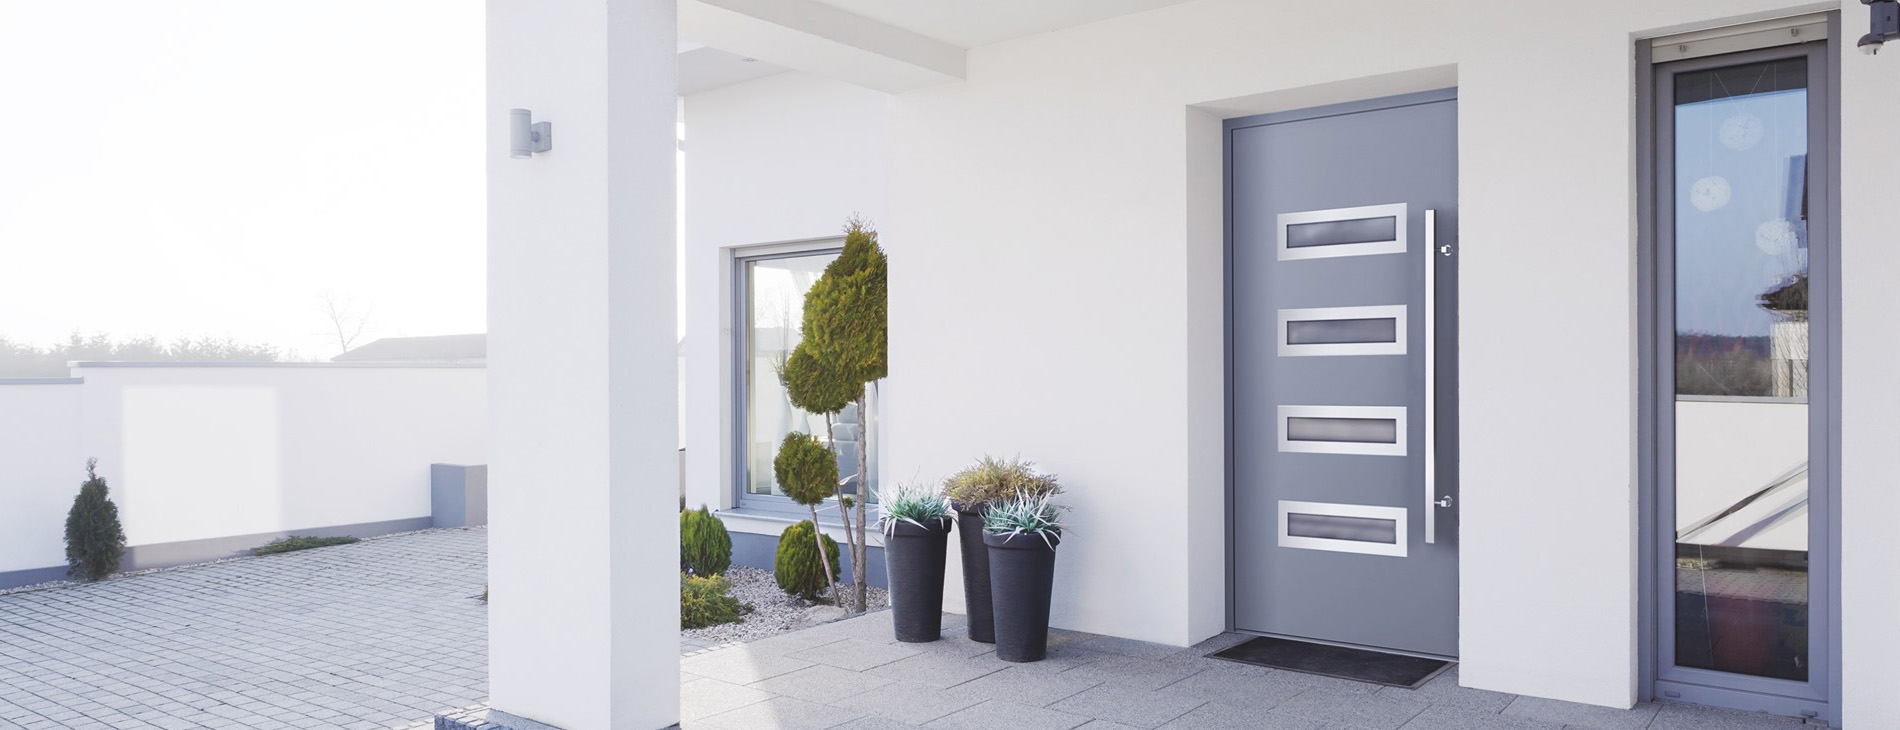 https://doors-website.com/doors/external-single-doors.html